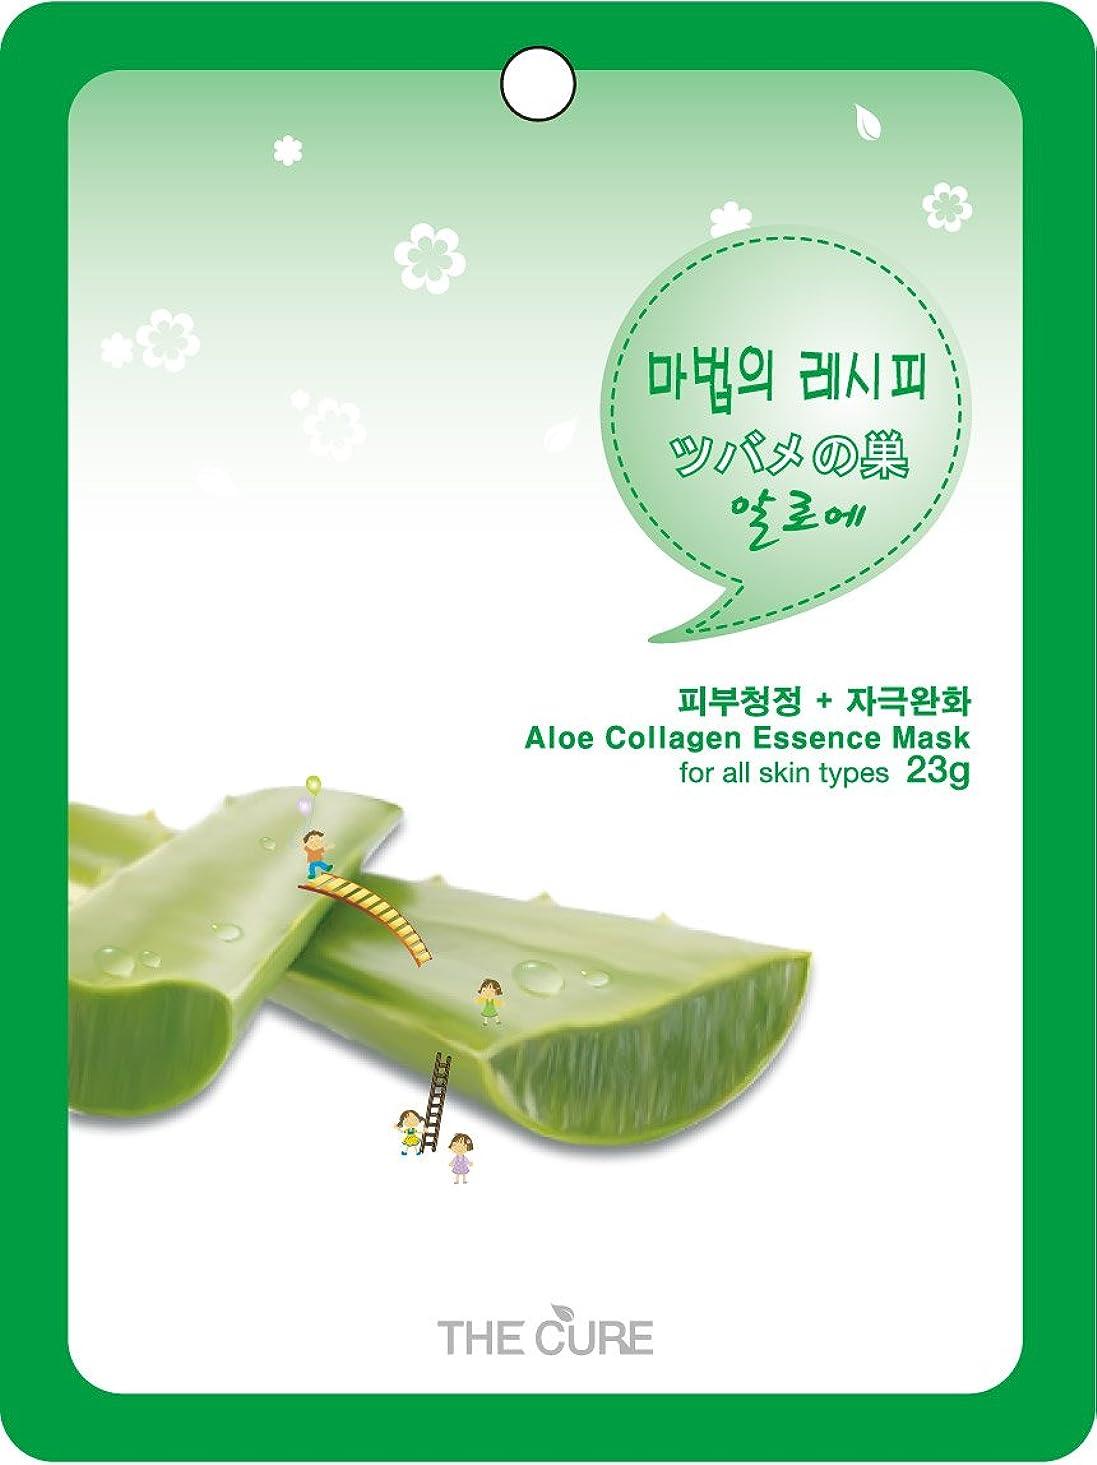 乏しい押し下げるソーシャルアロエ コラーゲン エッセンス マスク THE CURE シート パック 100枚セット 韓国 コスメ 乾燥肌 オイリー肌 混合肌